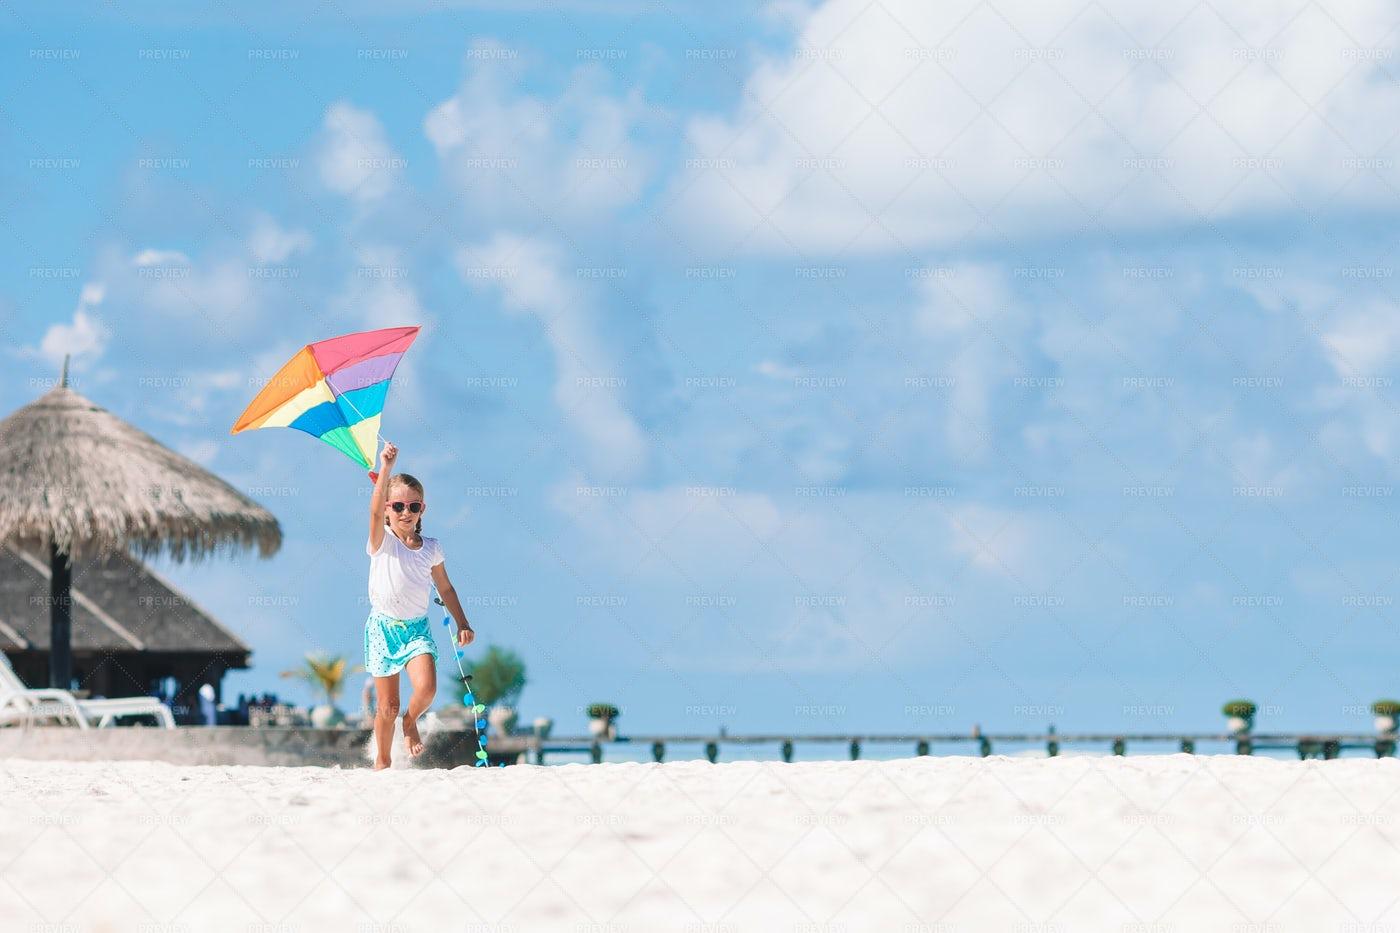 Flying A Kite On The Beach: Stock Photos